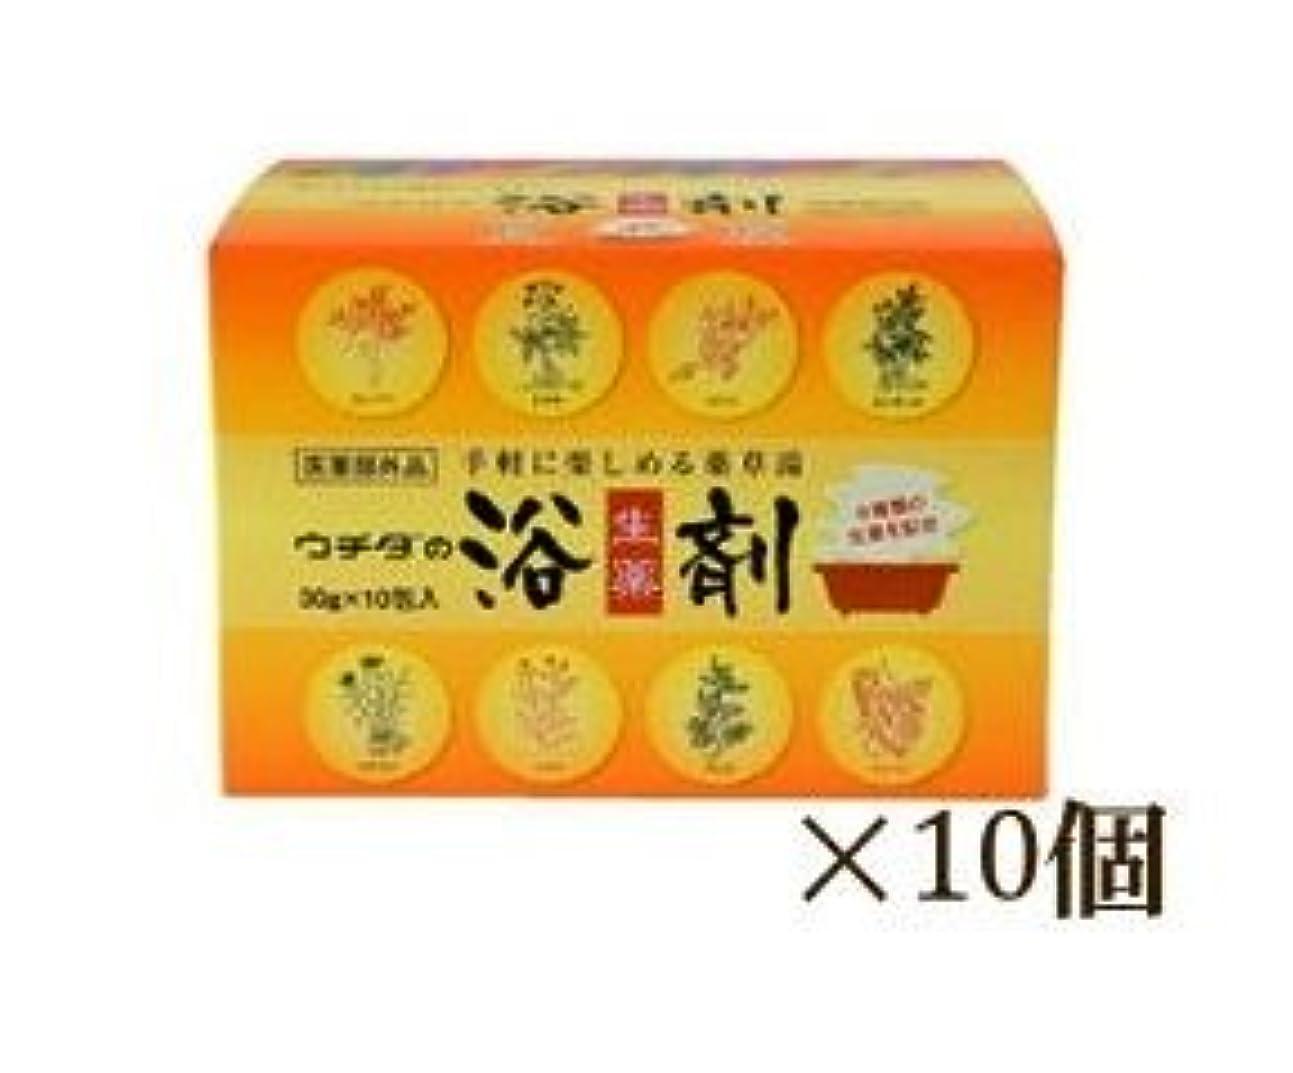 促進する爆発エッセイウチダの生薬浴剤 10箱セット (1箱30g×10包) 医薬部外品